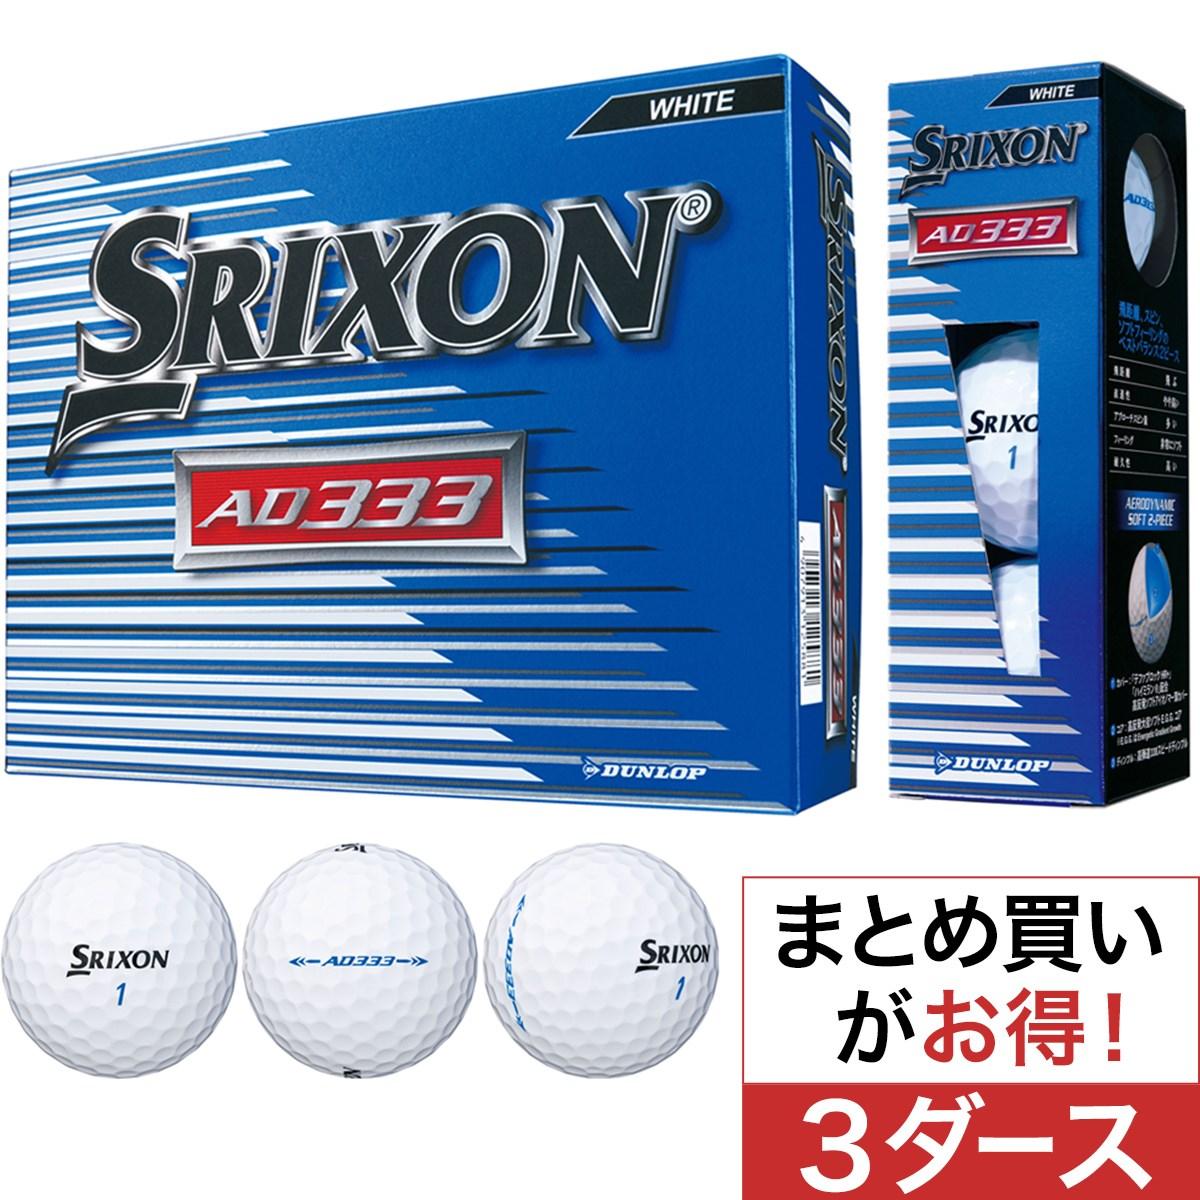 ダンロップ(DUNLOP) スリクソン AD333-7 ボール 3ダースセット